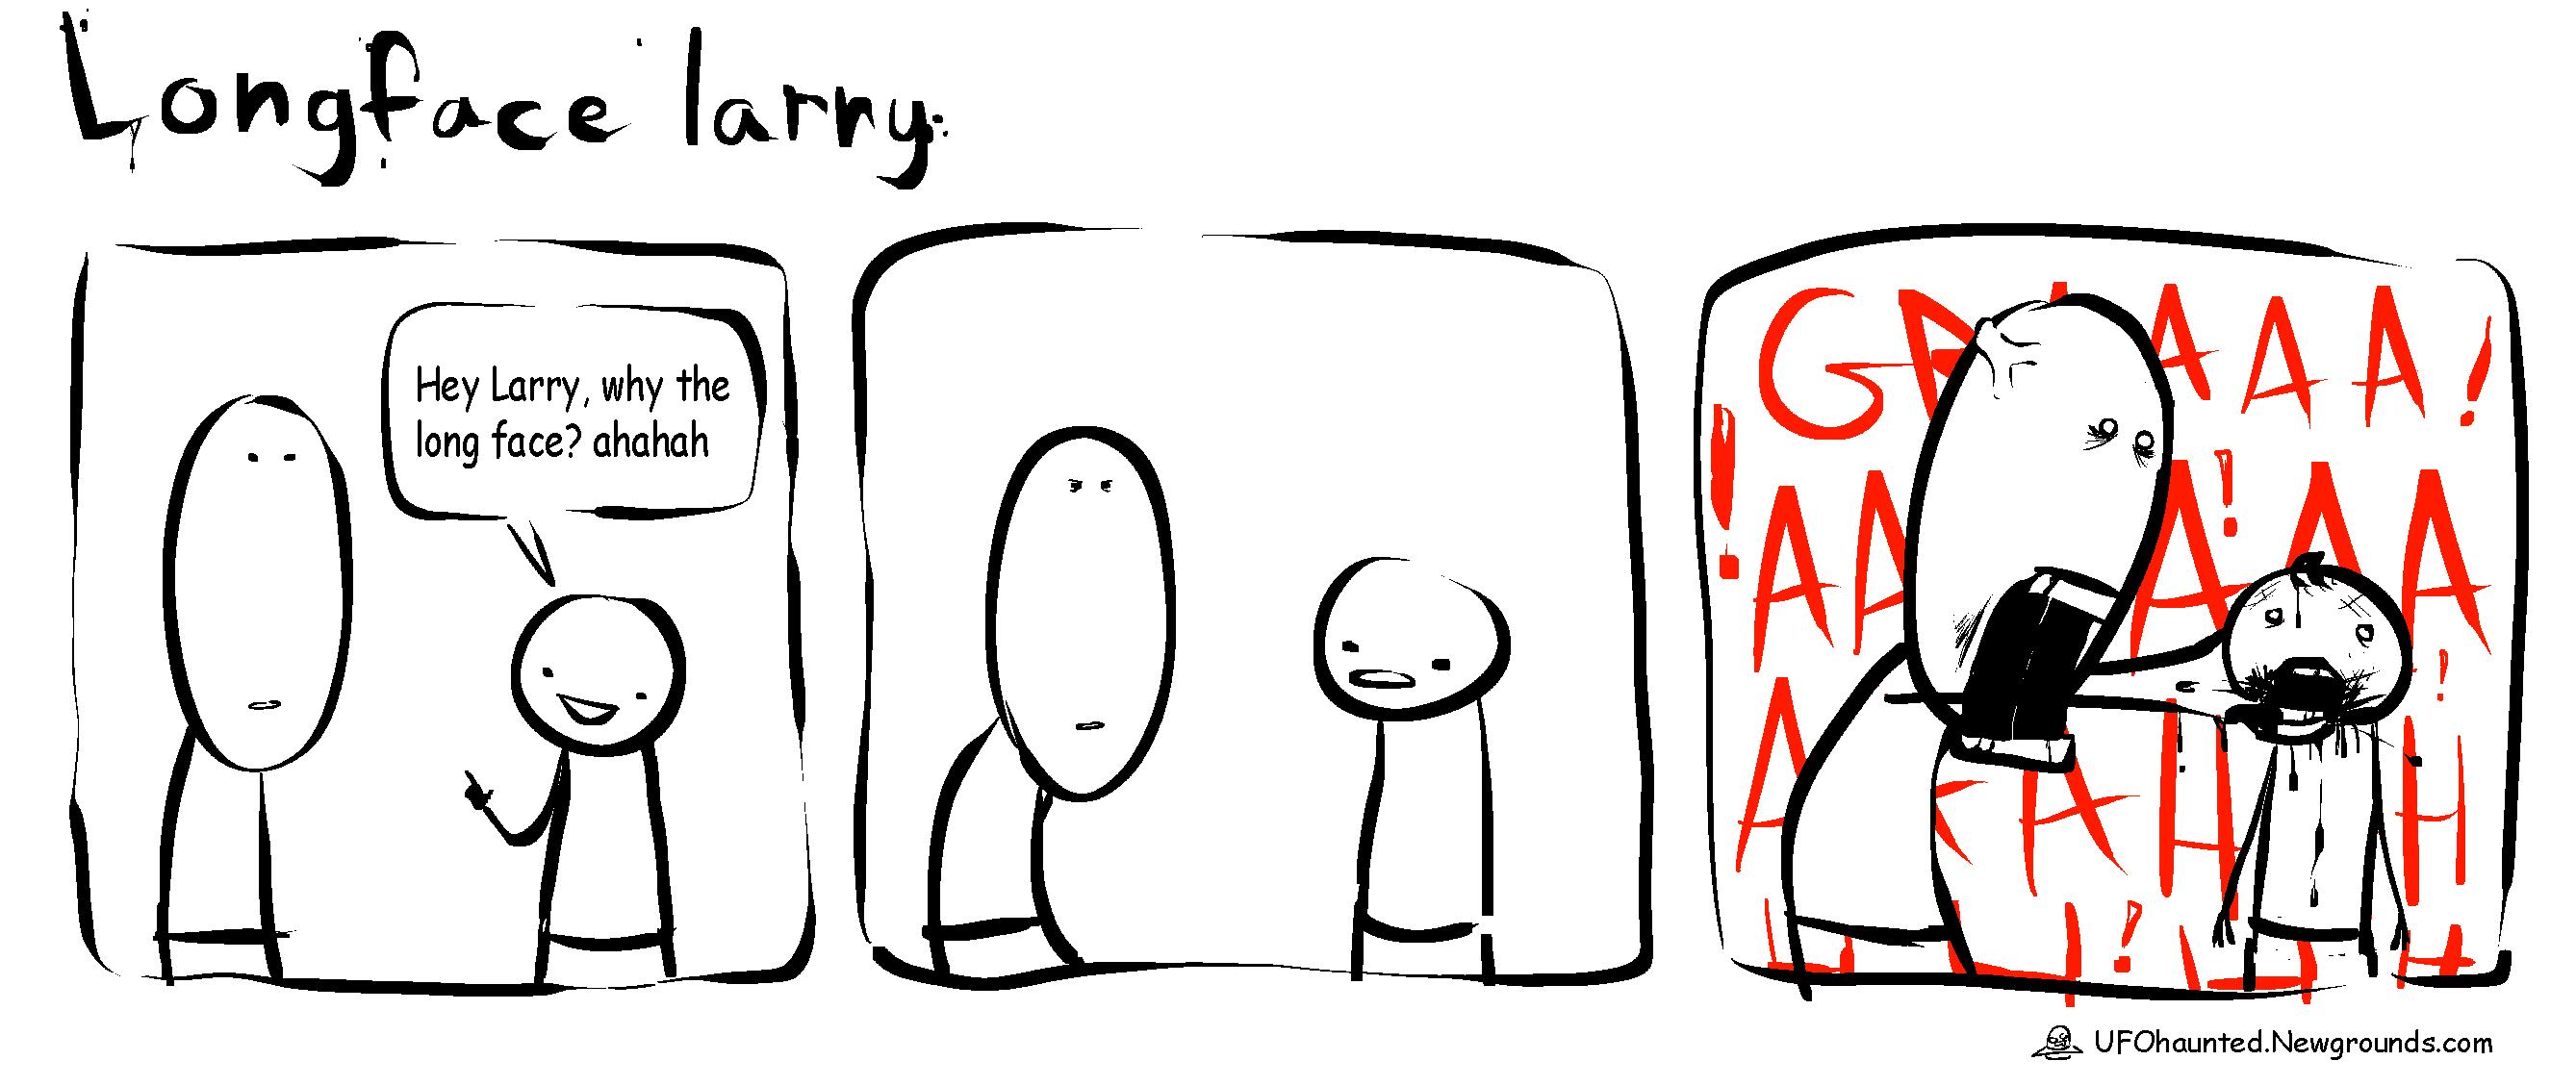 Abducted! Comics: Longface Larry